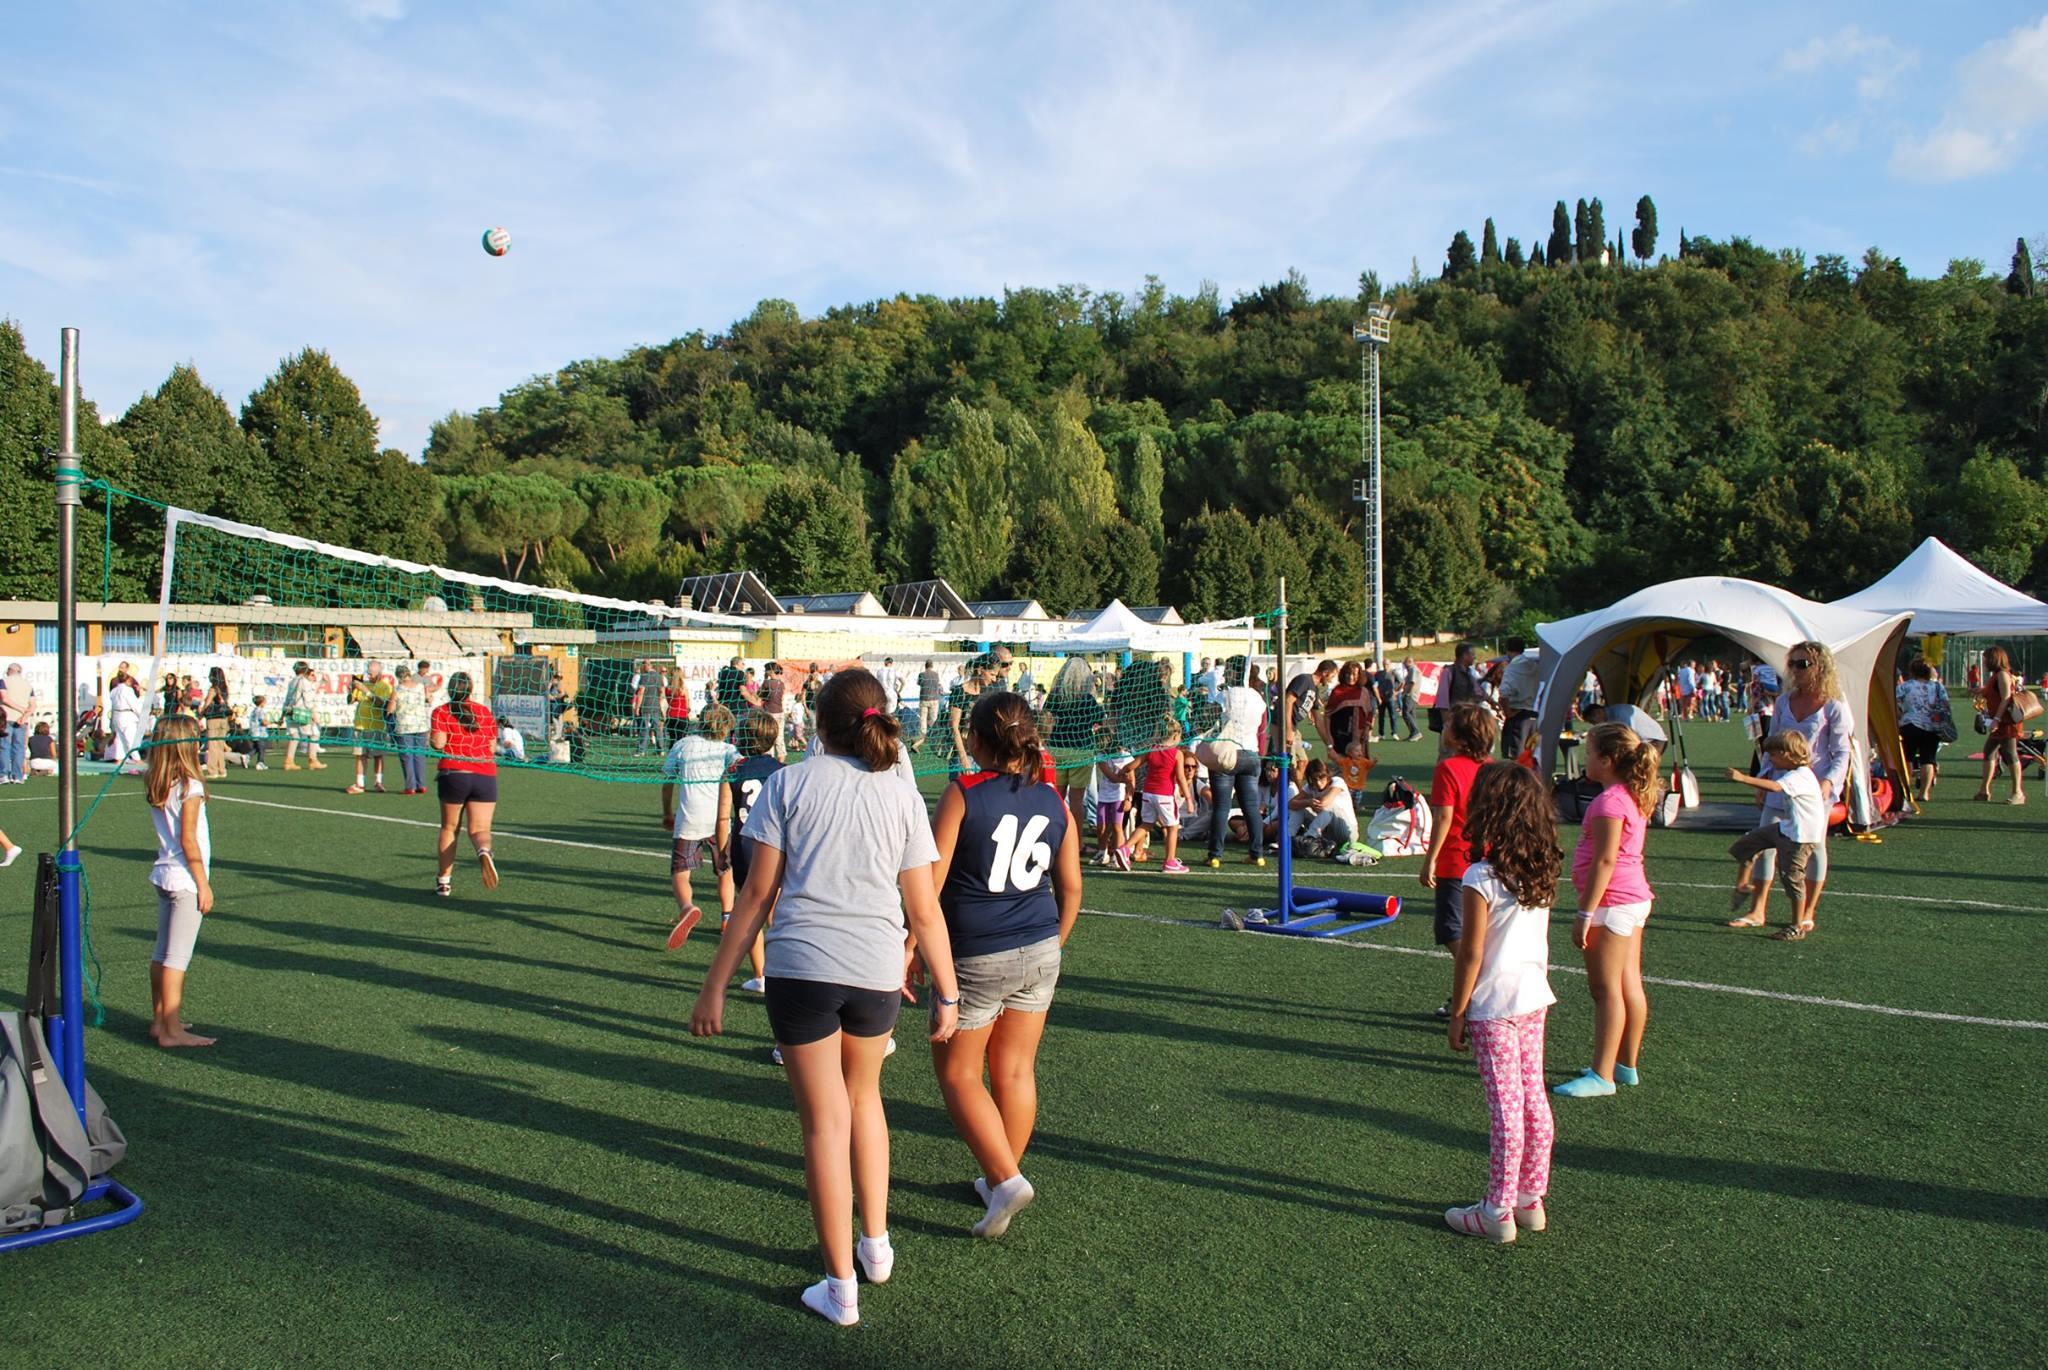 Festa dello sport sabato brindisi alla nuova palestra for Bagno a ripoli calcio